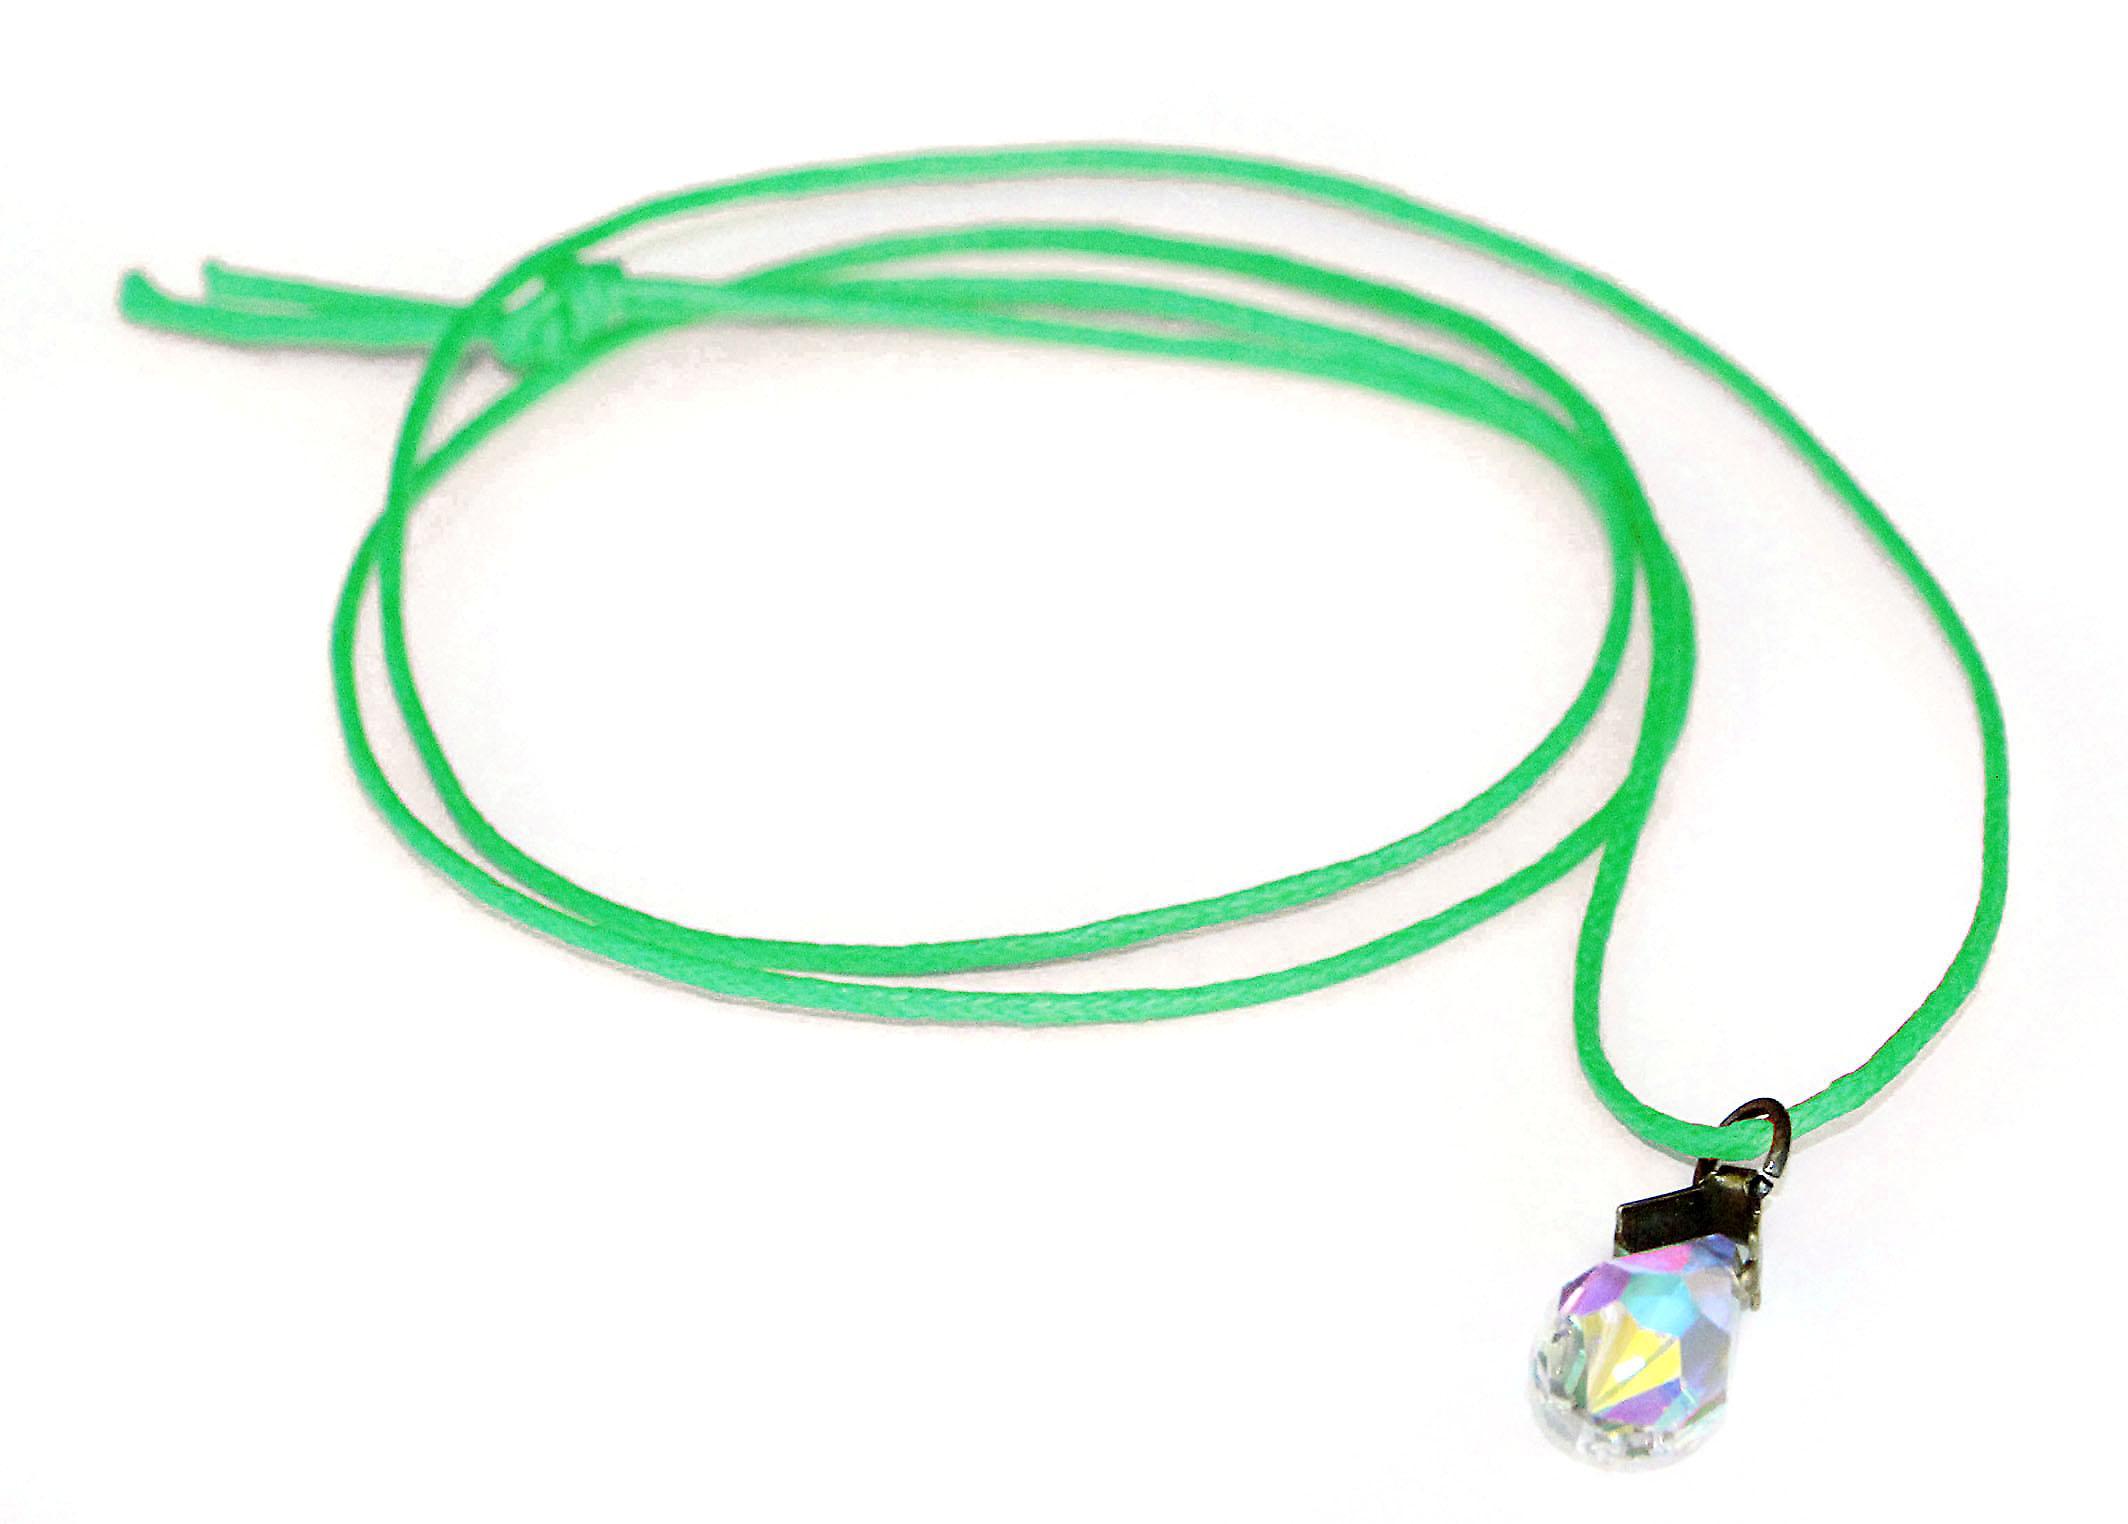 Waooh - smycken - Swarovski / hänge släppa pärla blå reflektion och vaxad sladd